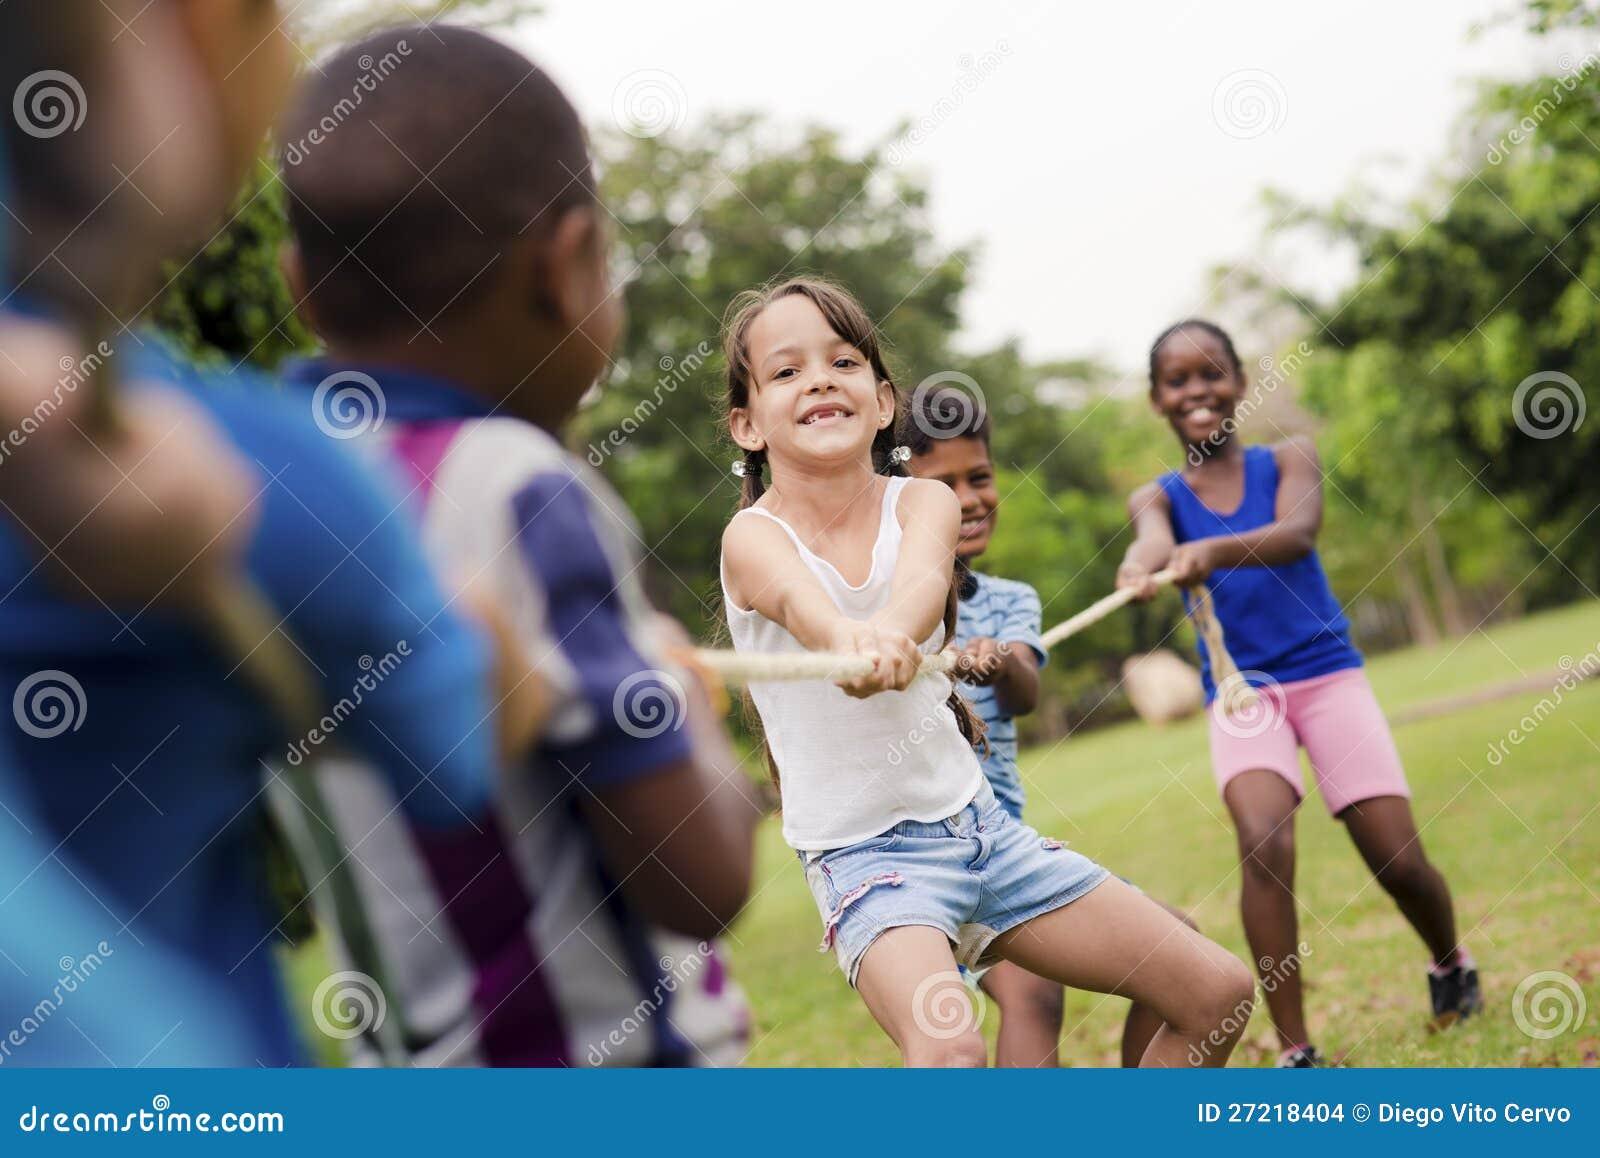 Ребеята школьного возраста играя перетягивание каната с веревочкой